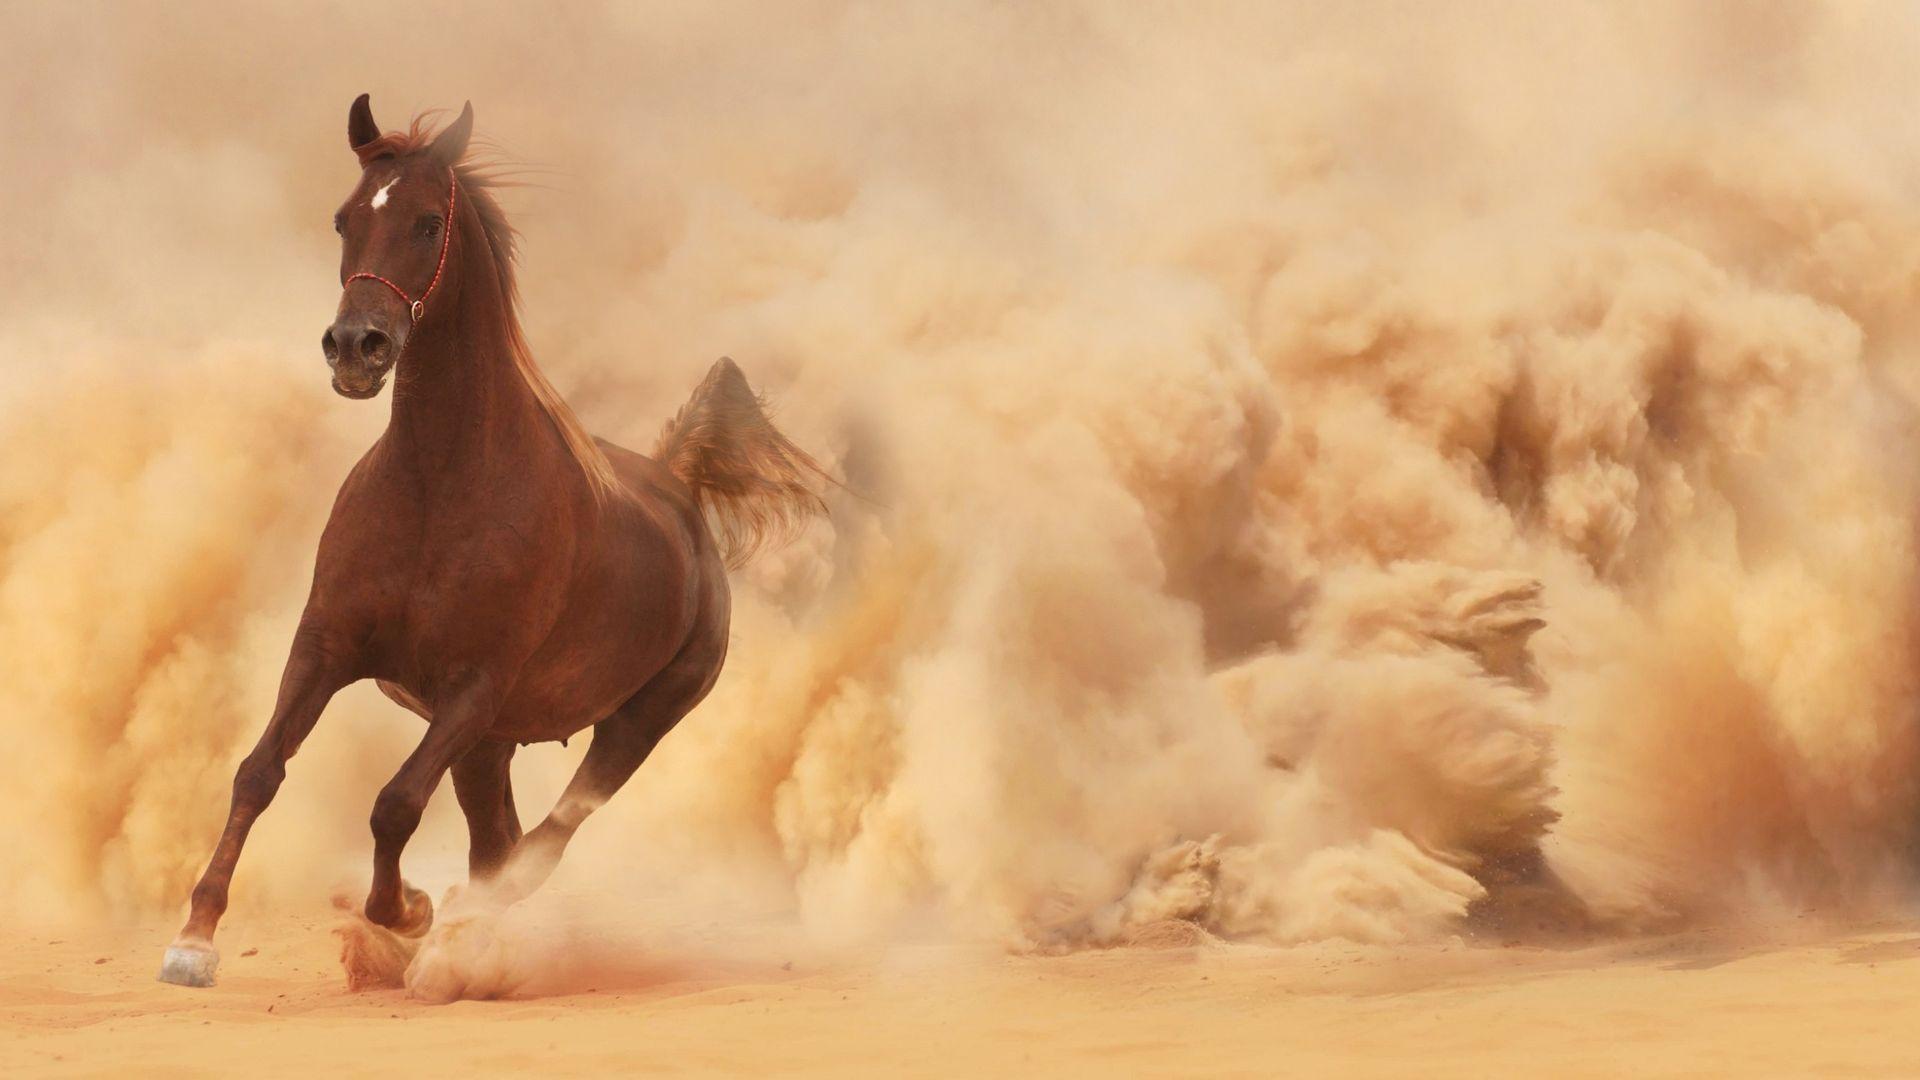 Running Horse Dust Cloud Wallpaper Horse Wallpaper Hd 1920x1080 Wallpaper Teahub Io